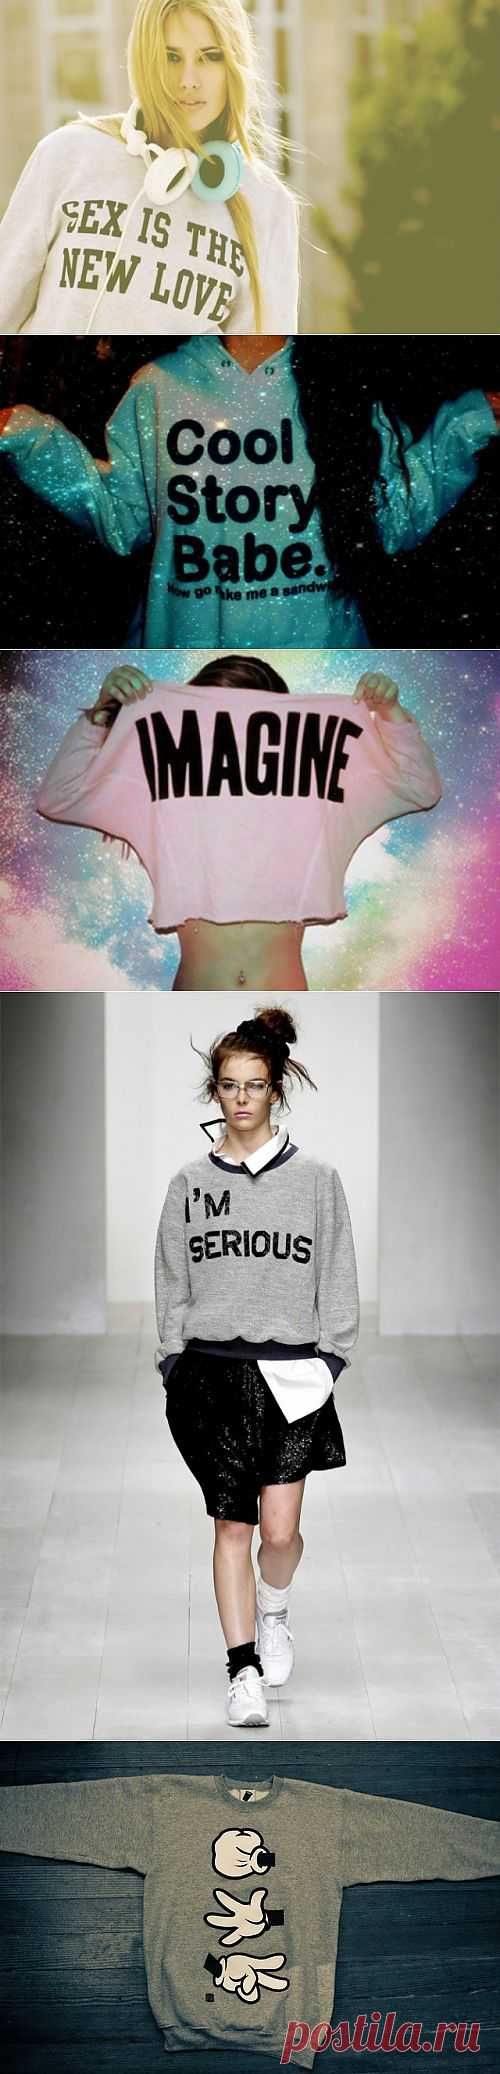 5 футболок / Рисунки и надписи / Модный сайт о стильной переделке одежды и интерьера